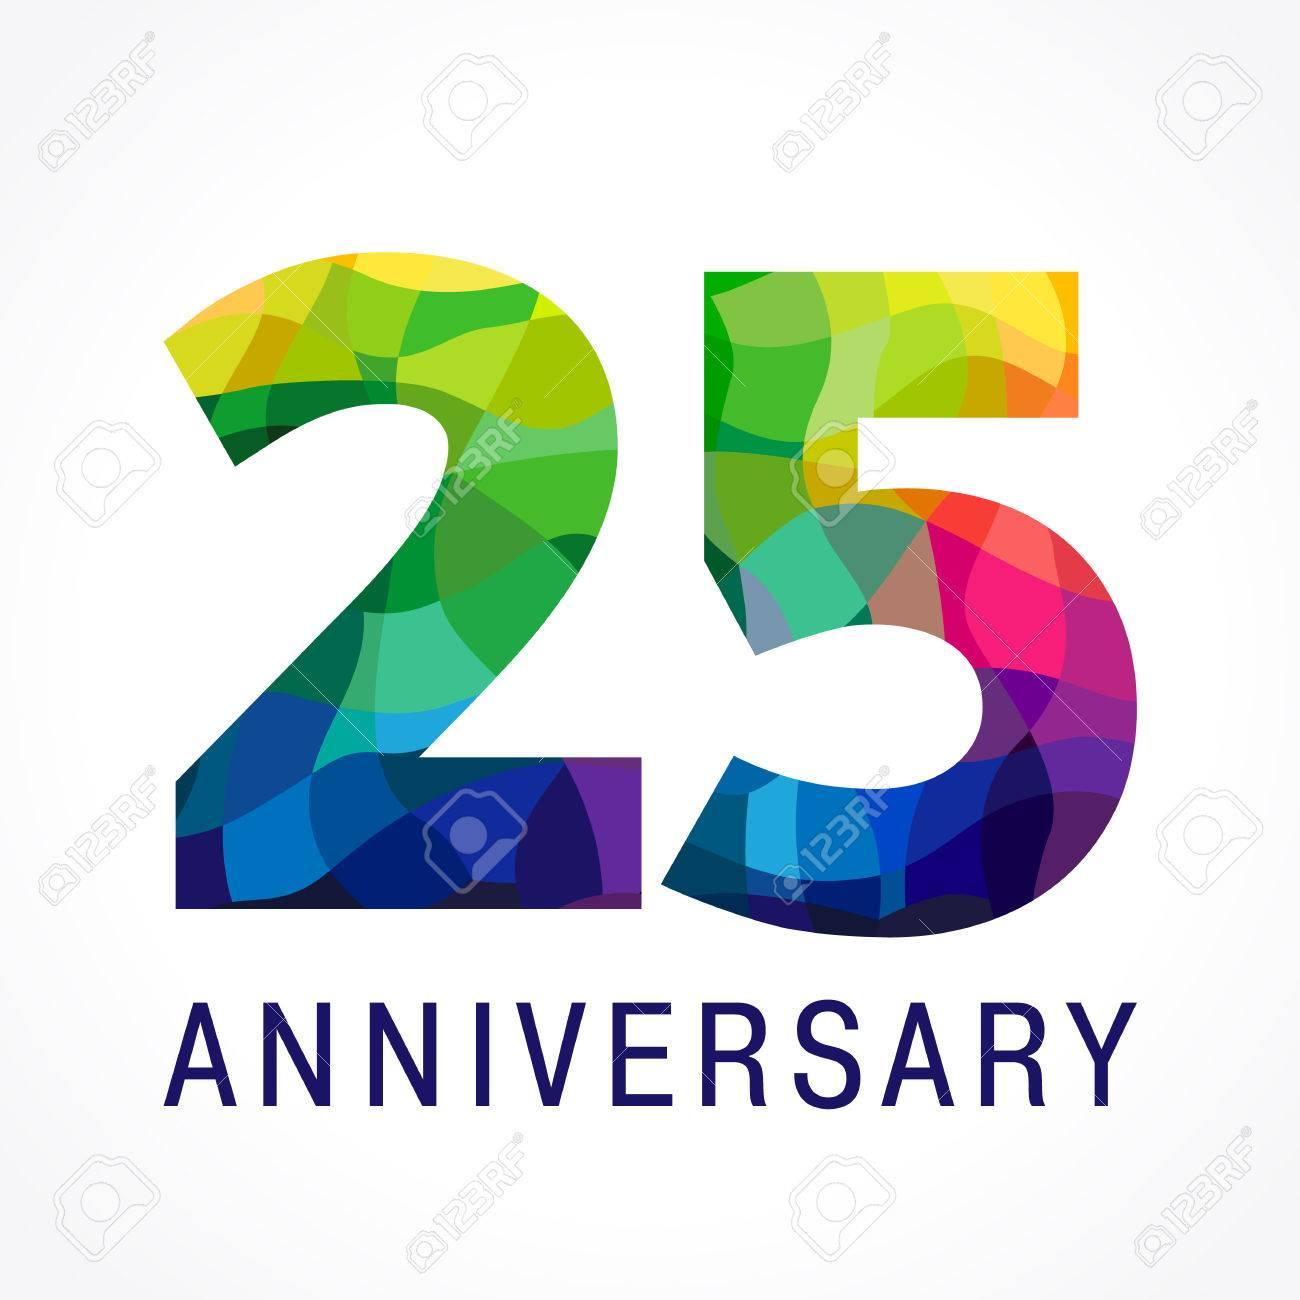 25 歳を祝います 記念番号 25 番目 輝くファセットおめでとうロゴ